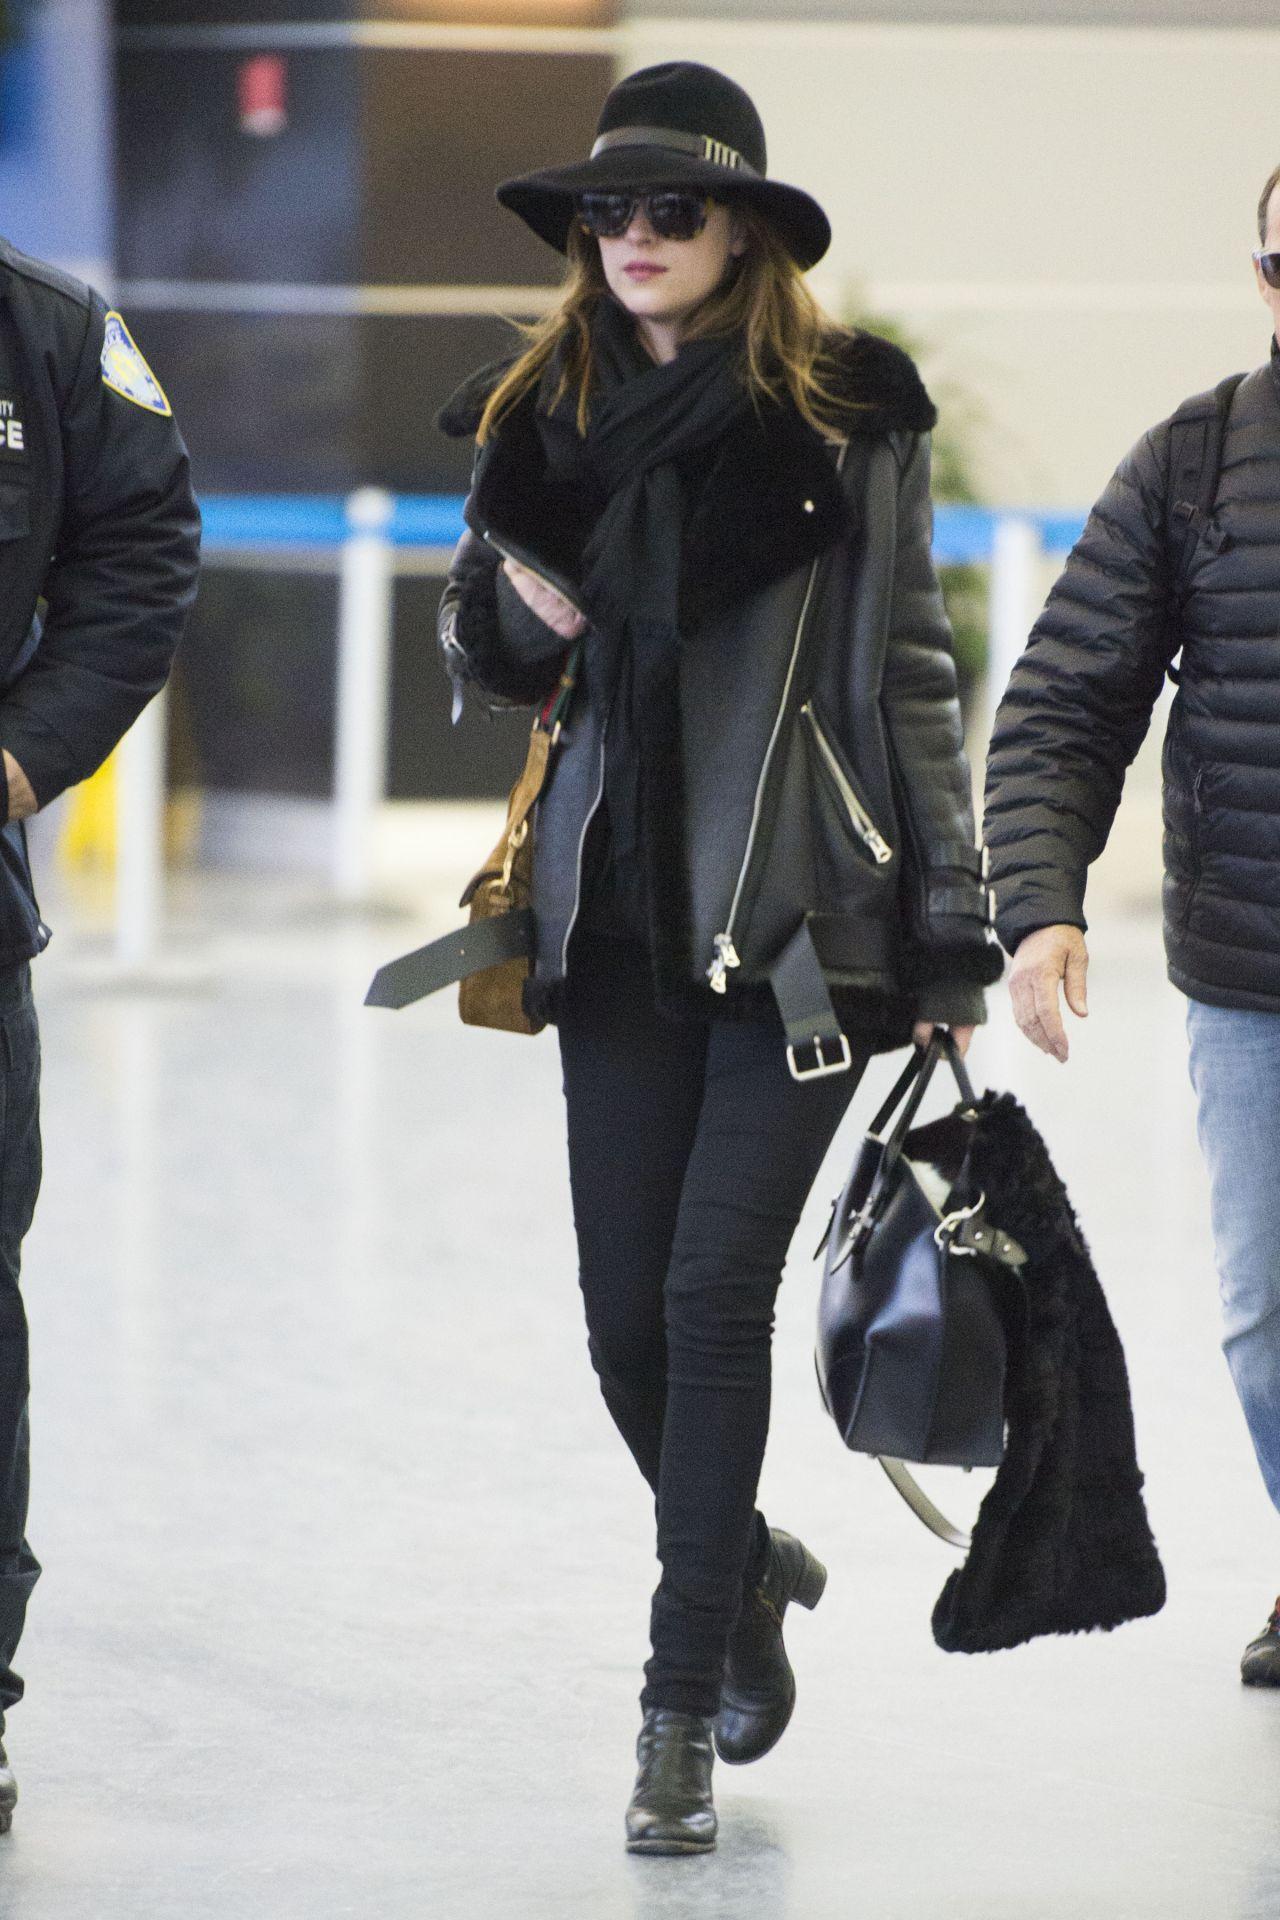 Dakota Johnson Style - at JFK Airport in New York City, Feb. 2015